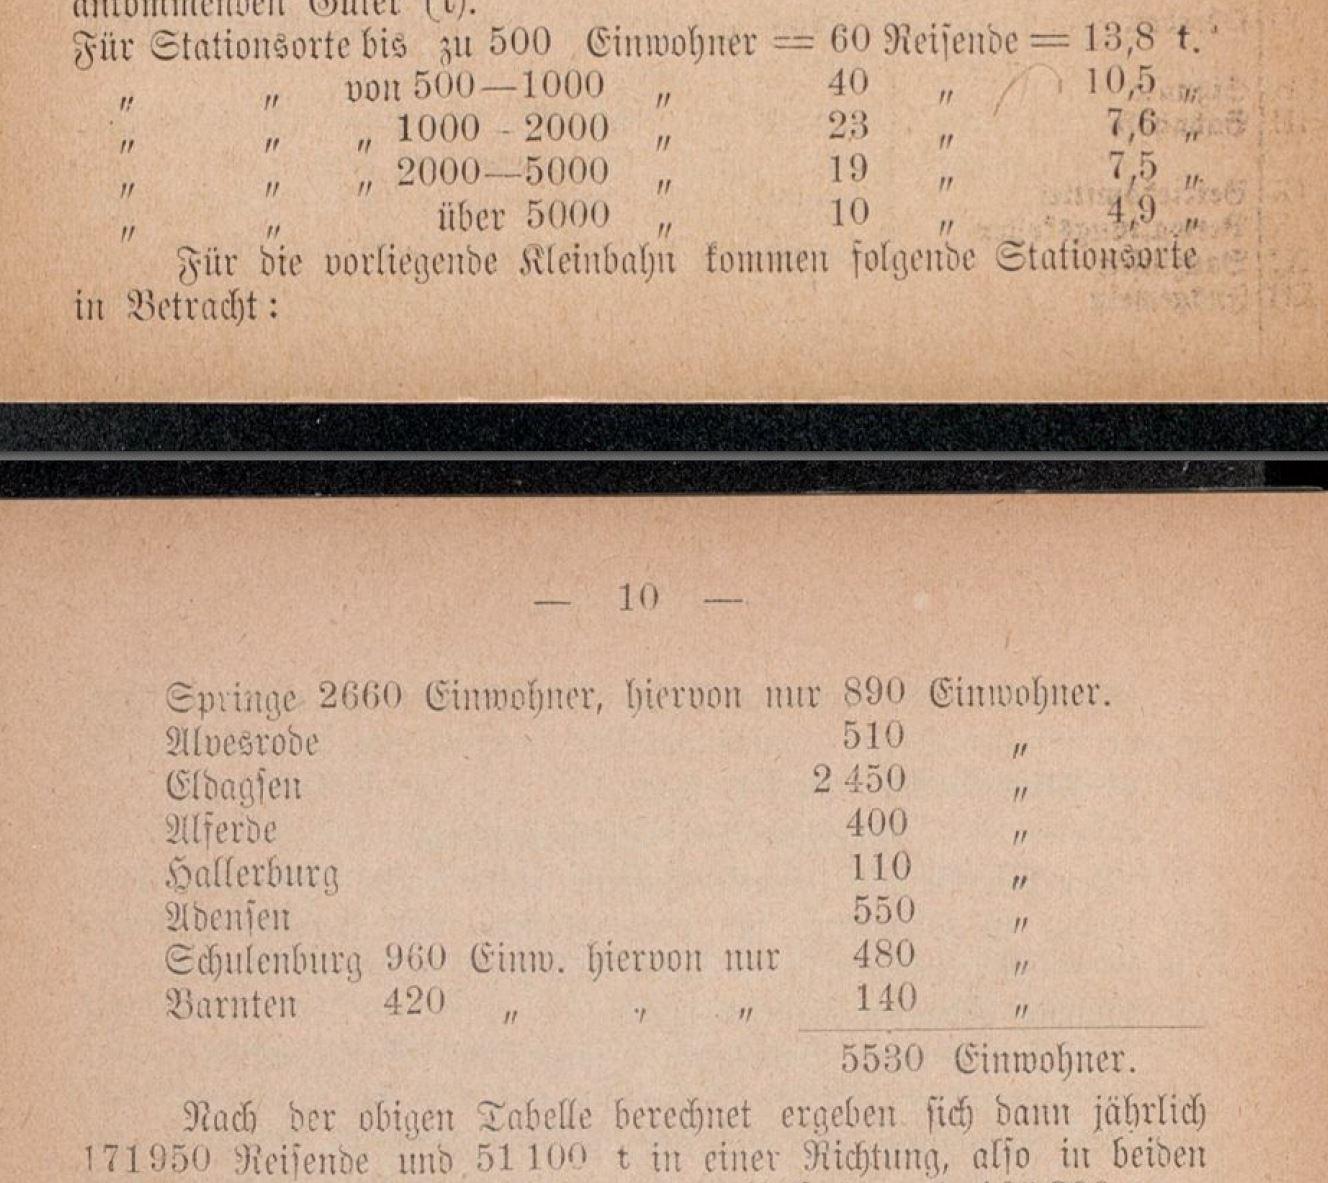 180201-03 Eisenbahn Springe Barnten Ausschnitt 01